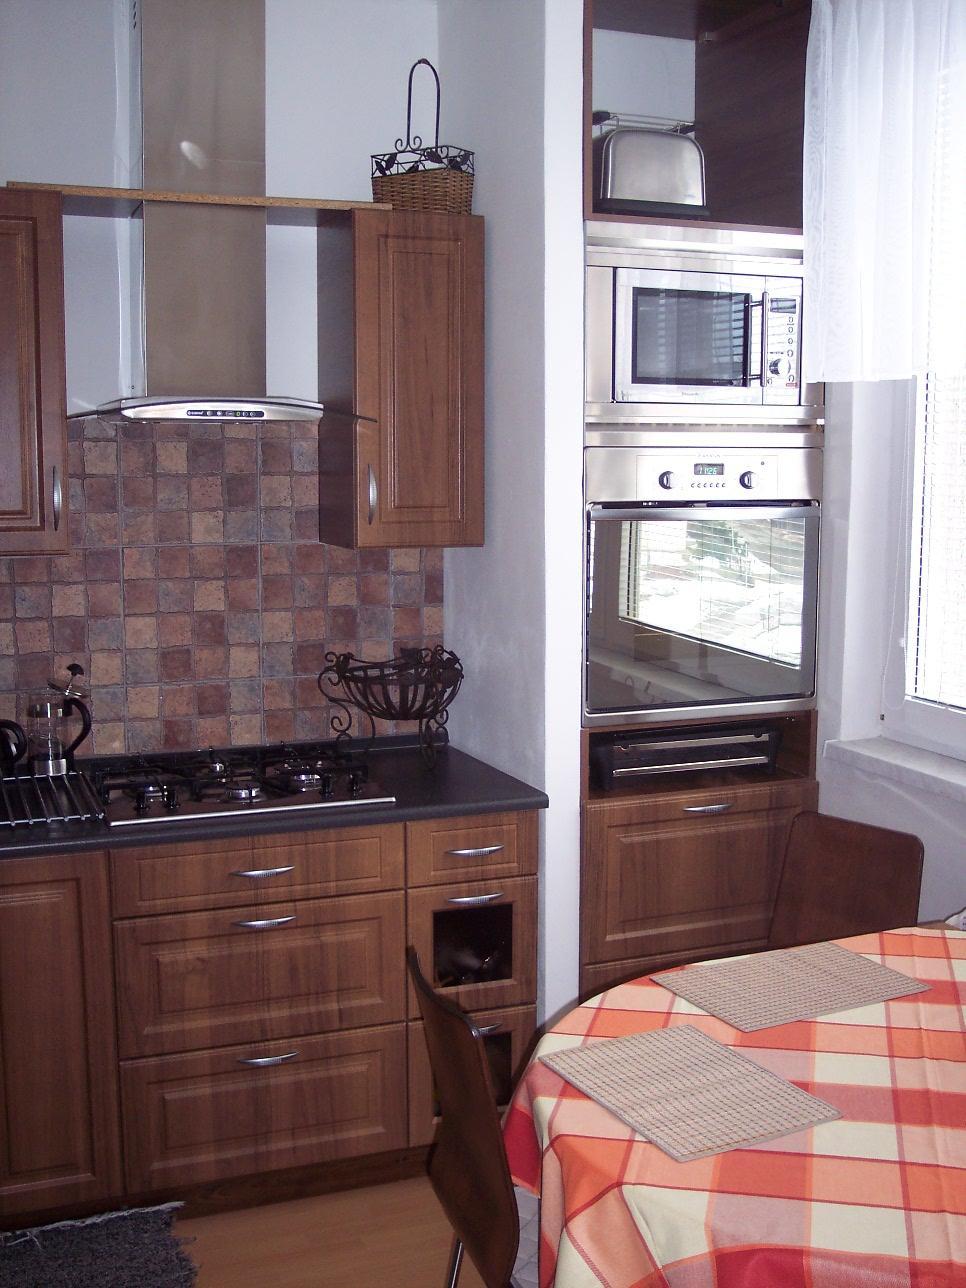 Přestavba panelákového bytu z r. 2005 - Obrázek č. 1